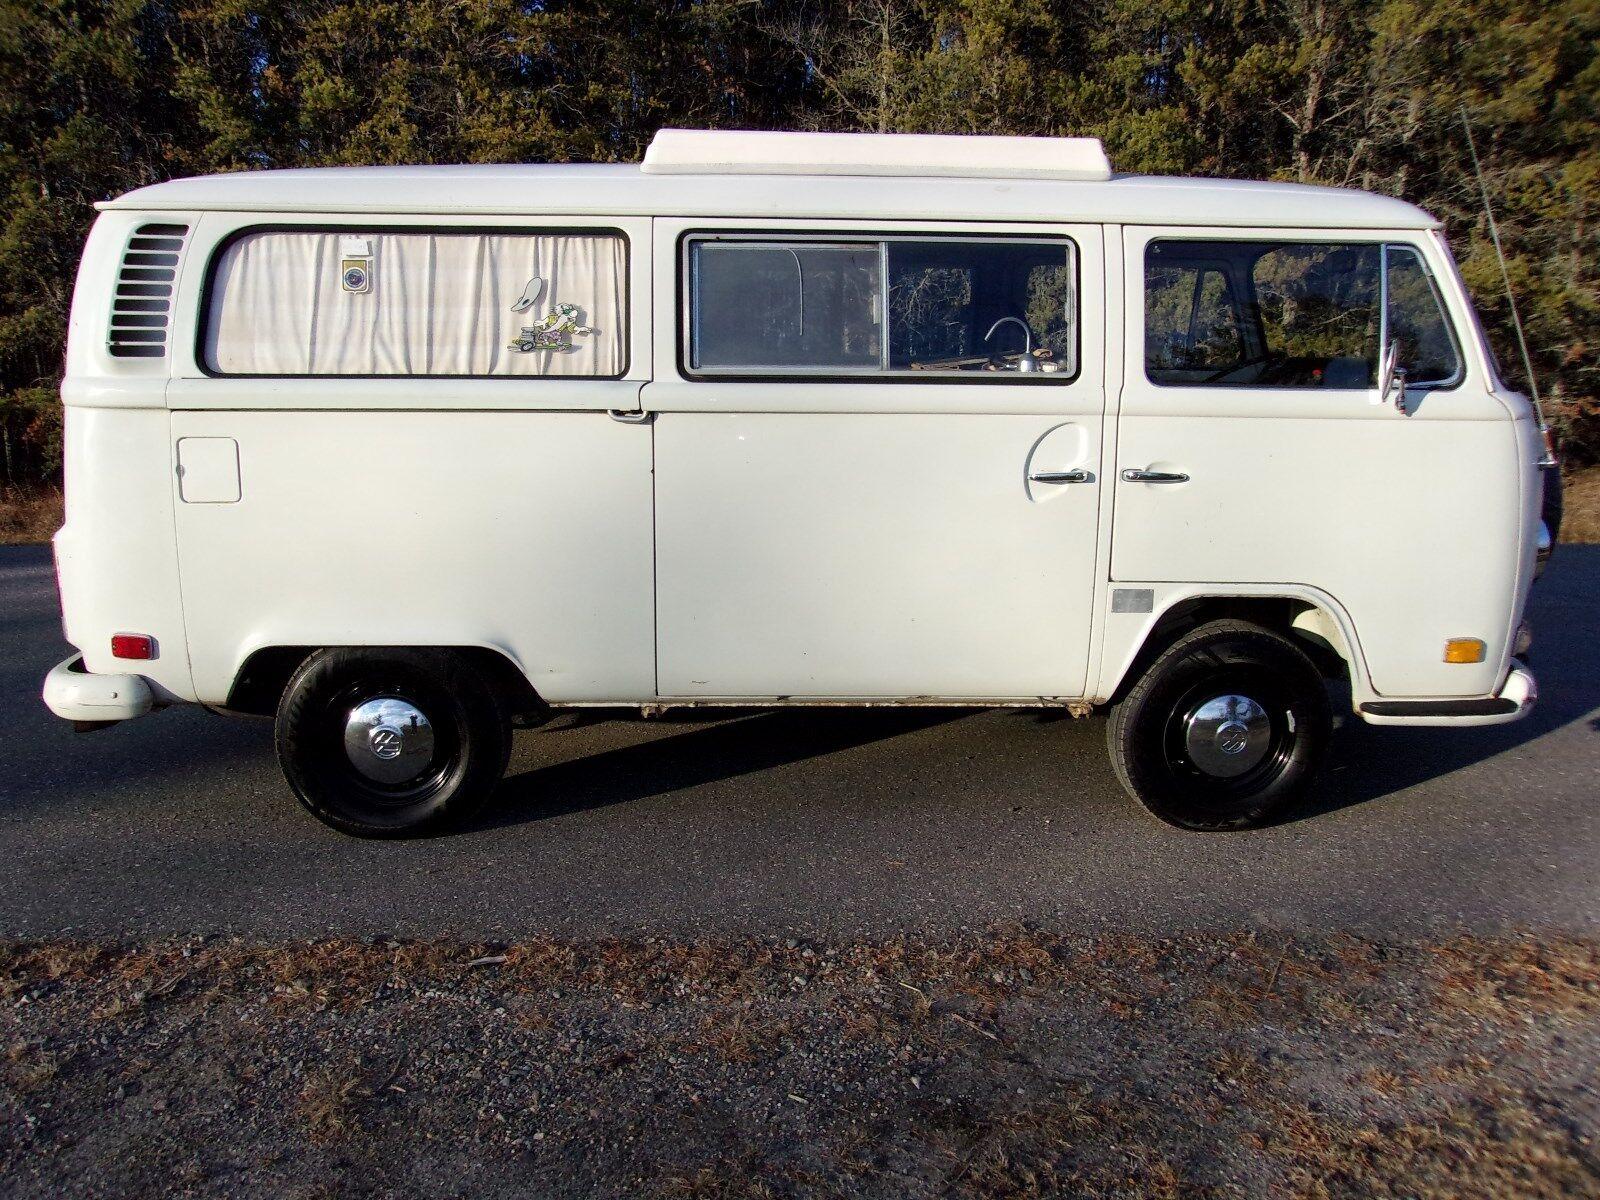 1972 Volkswagen Bus/Vanagon Riviera camper 1972 VW Volkswagen camper van Riviera like westy westfalia transporter van bus